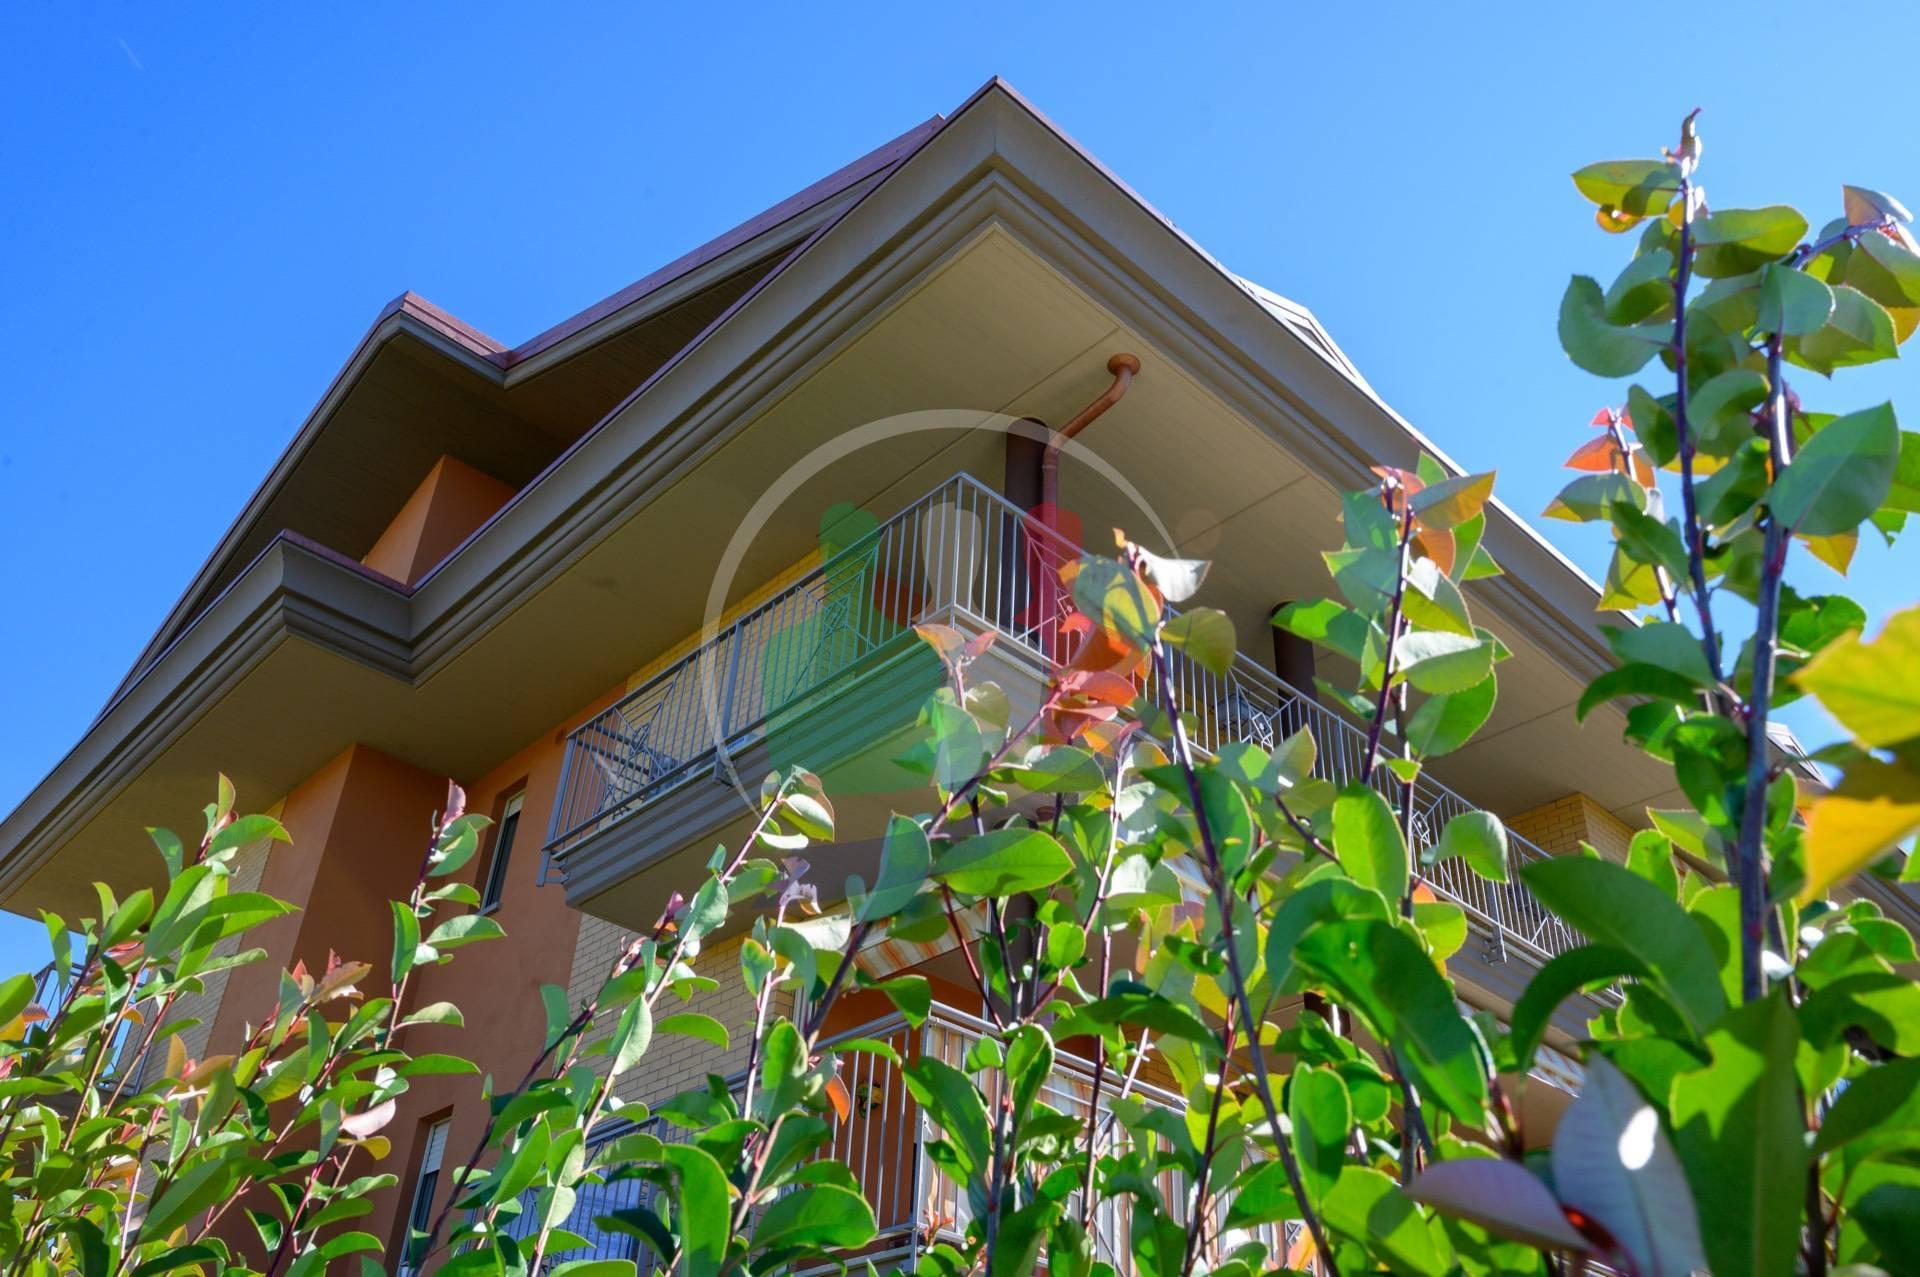 Appartamento in vendita a Druento, 4 locali, prezzo € 250.000 | PortaleAgenzieImmobiliari.it